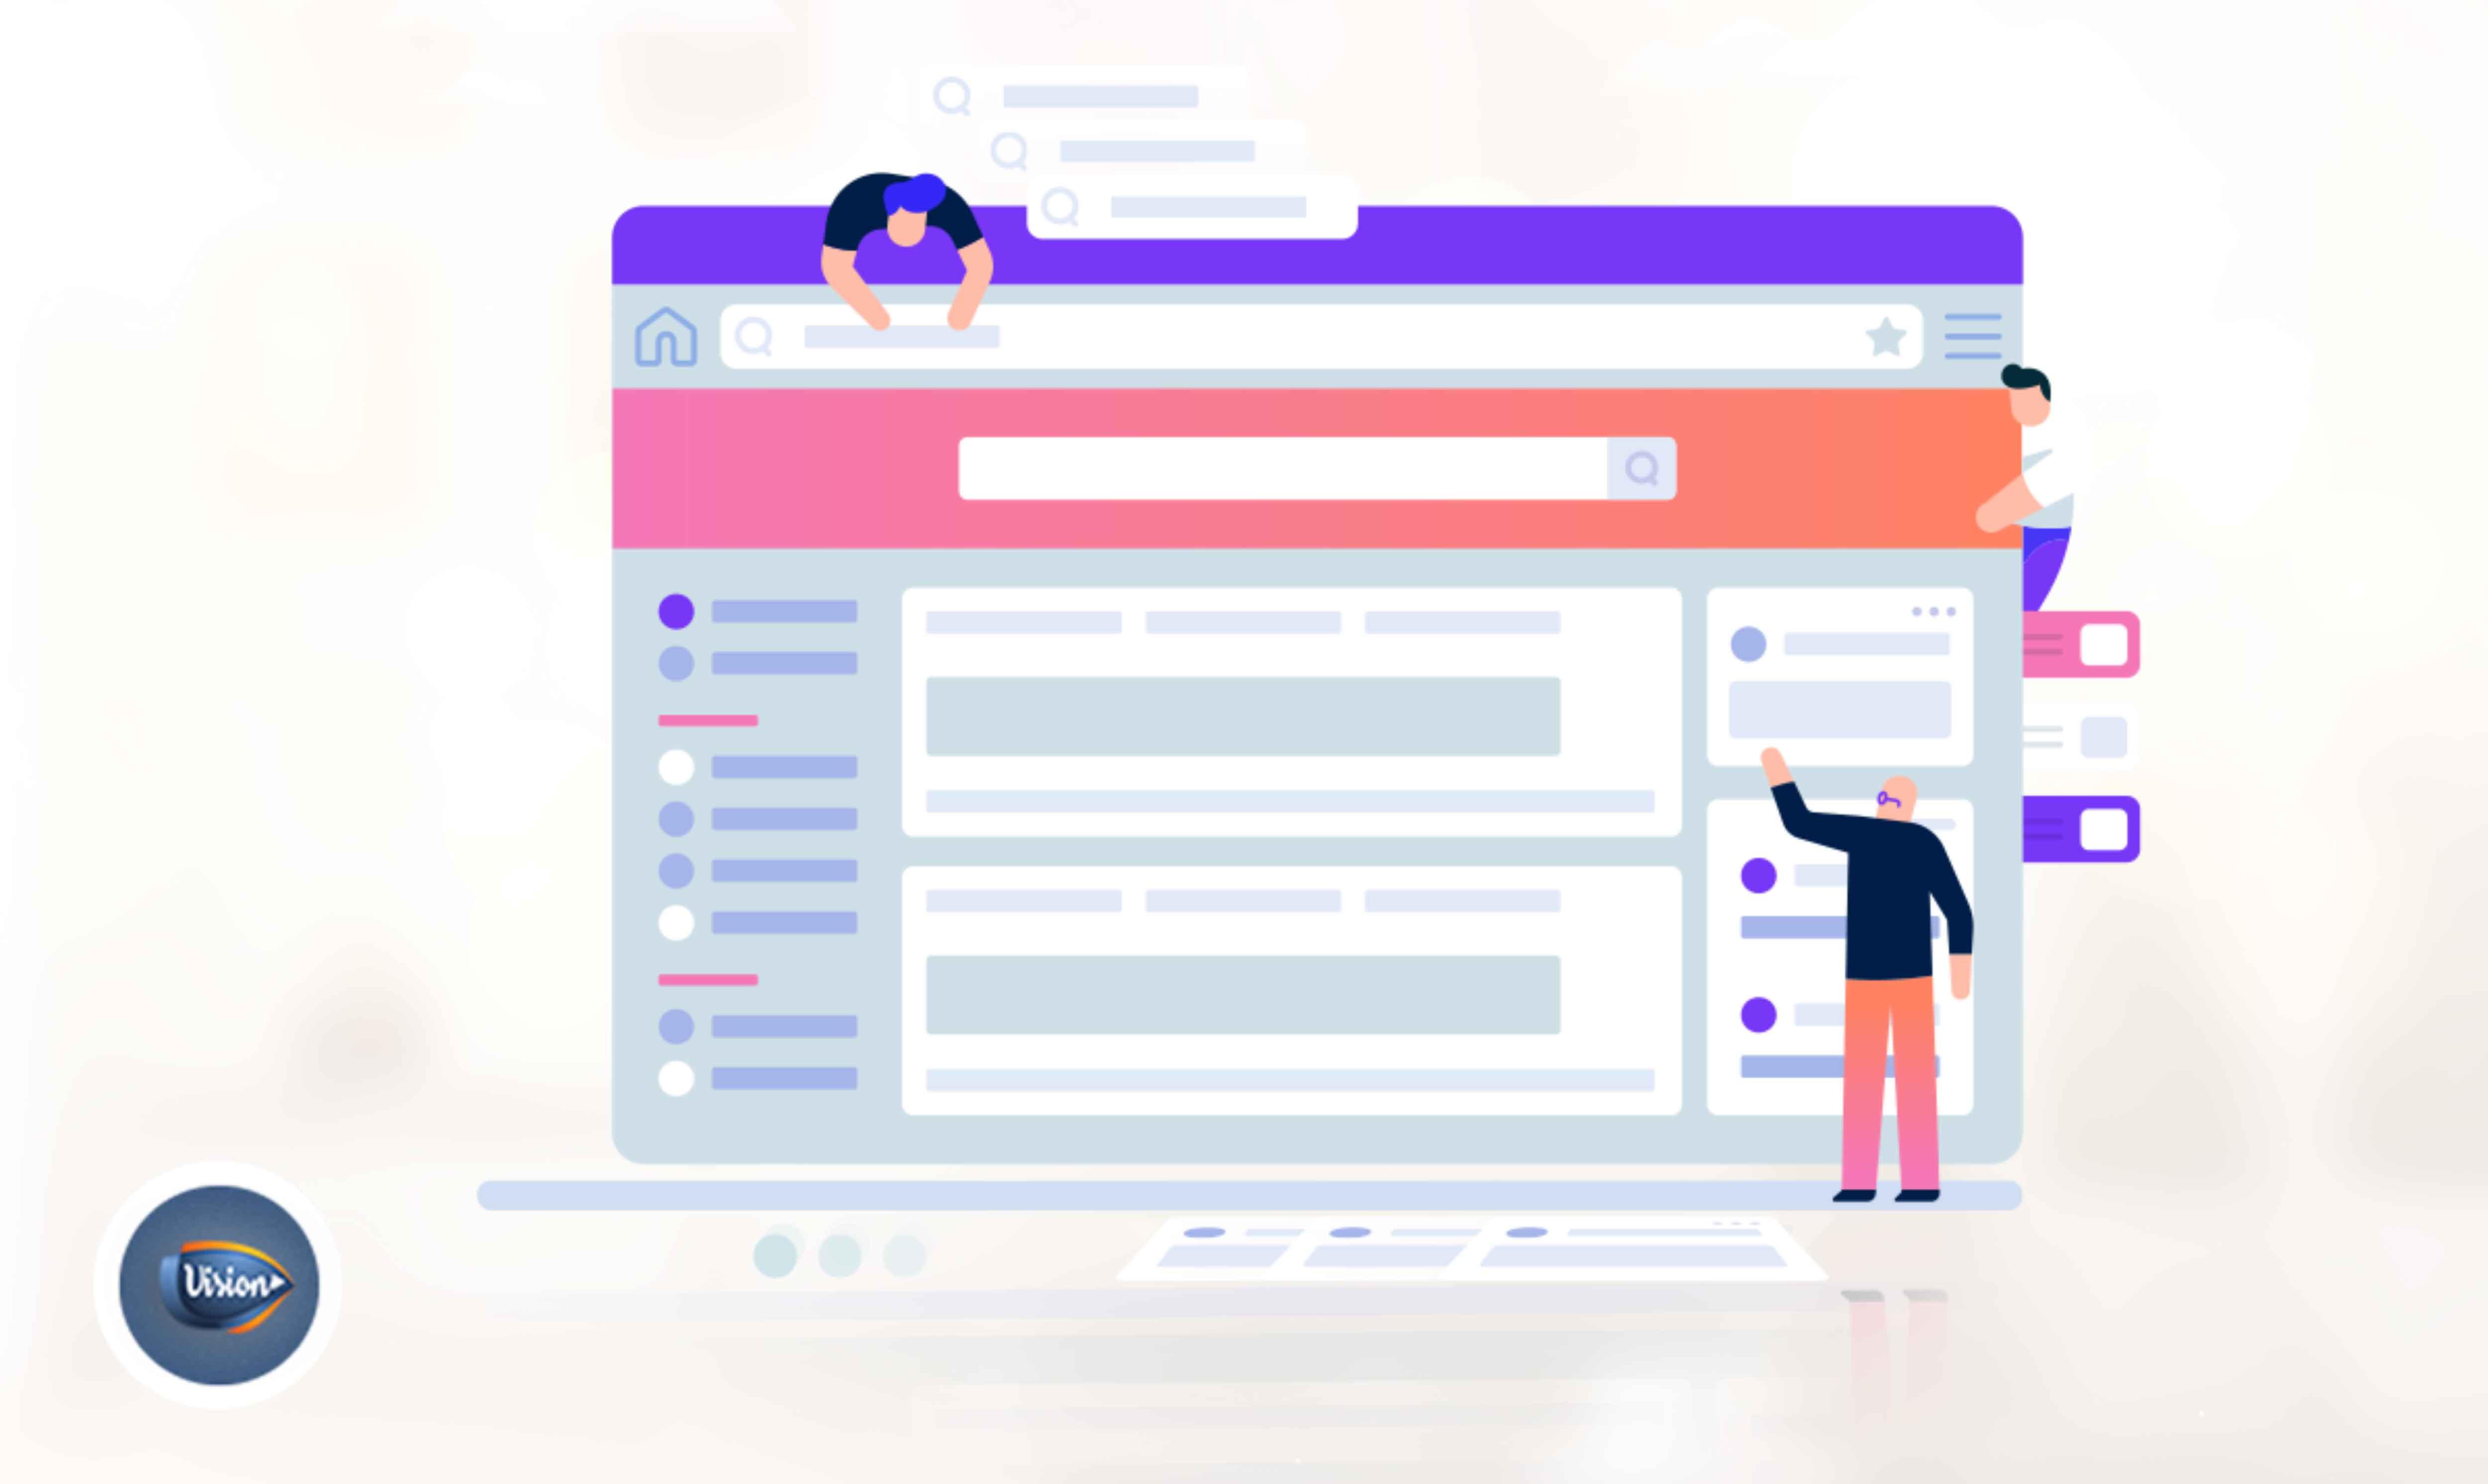 مراحل تنفيذ المواقع في موقعنا